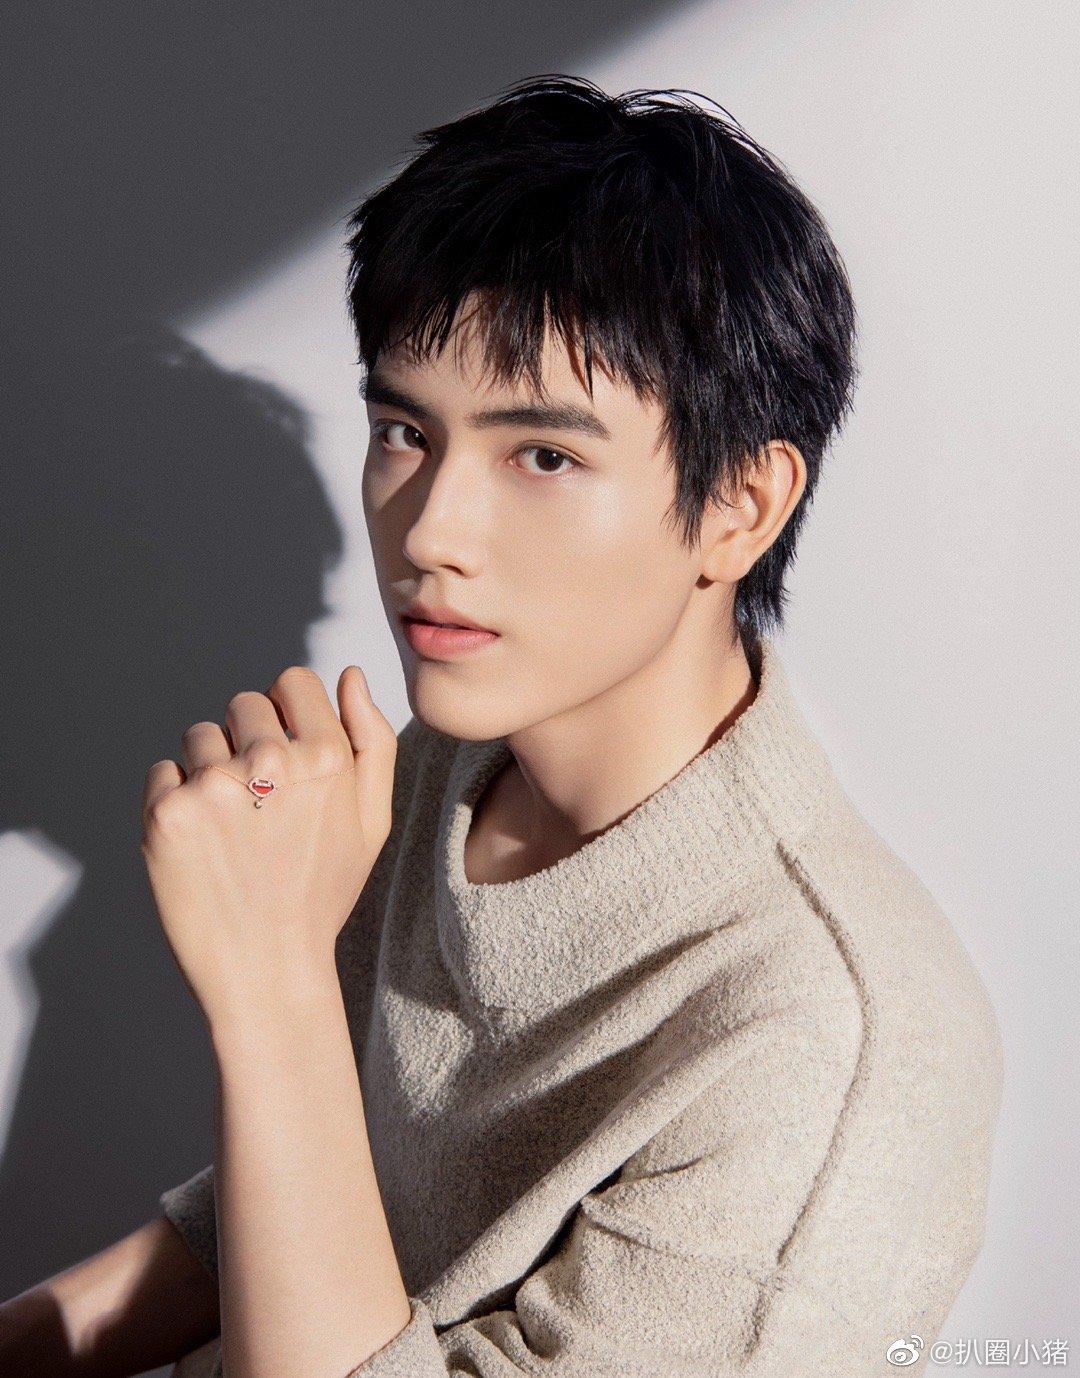 陈飞宇 吴磊主演的我们的时代今日开机,期待两位帅哥的合作吗?